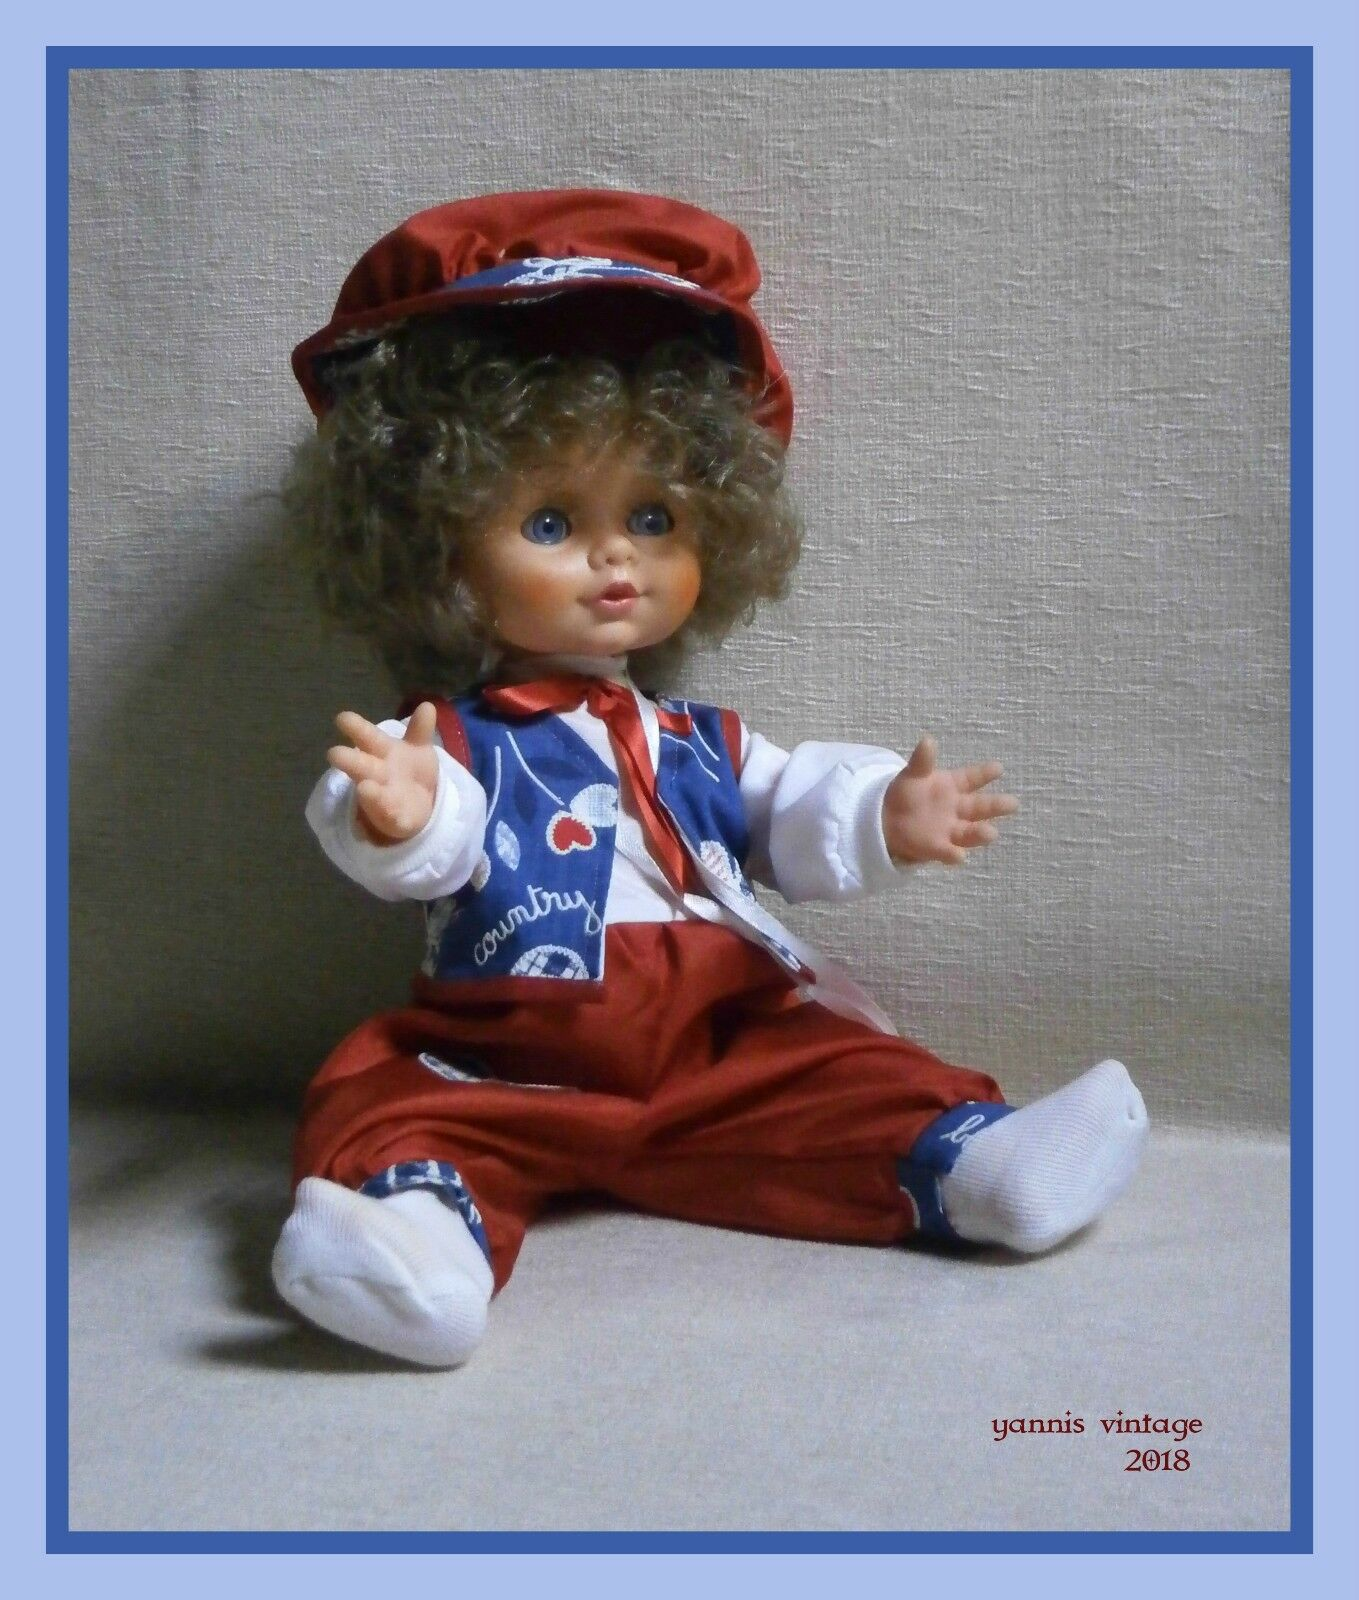 Denis  Nuovo con Scatola Boy bambola  liacopoylos B O realizzato in Grecia anni'90 GRECO VINTAGE RARE  grandi risparmi